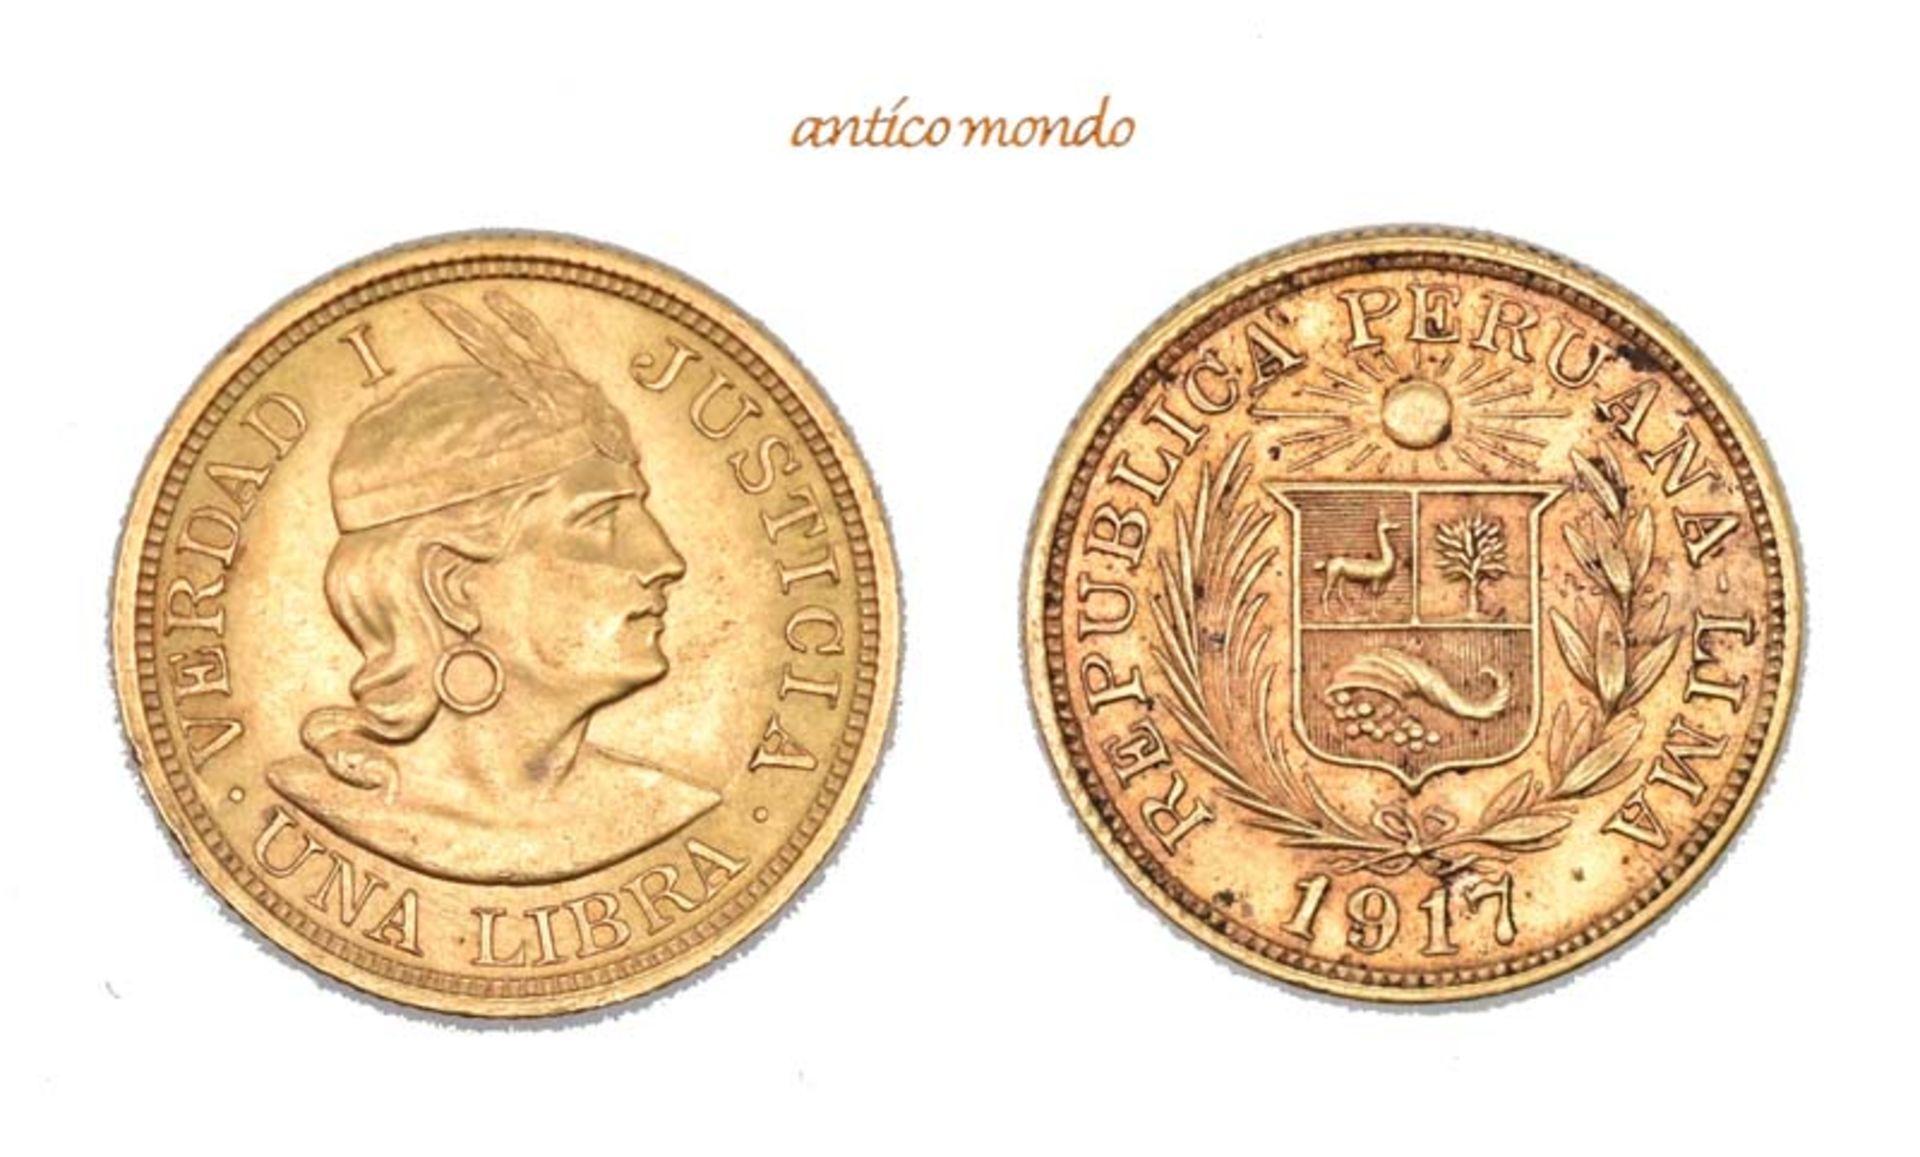 Peru, Republik, Libra, 1917, vorzüglich, 8,00 g- - -21.50 % buyer's premium on the hammer price19.00